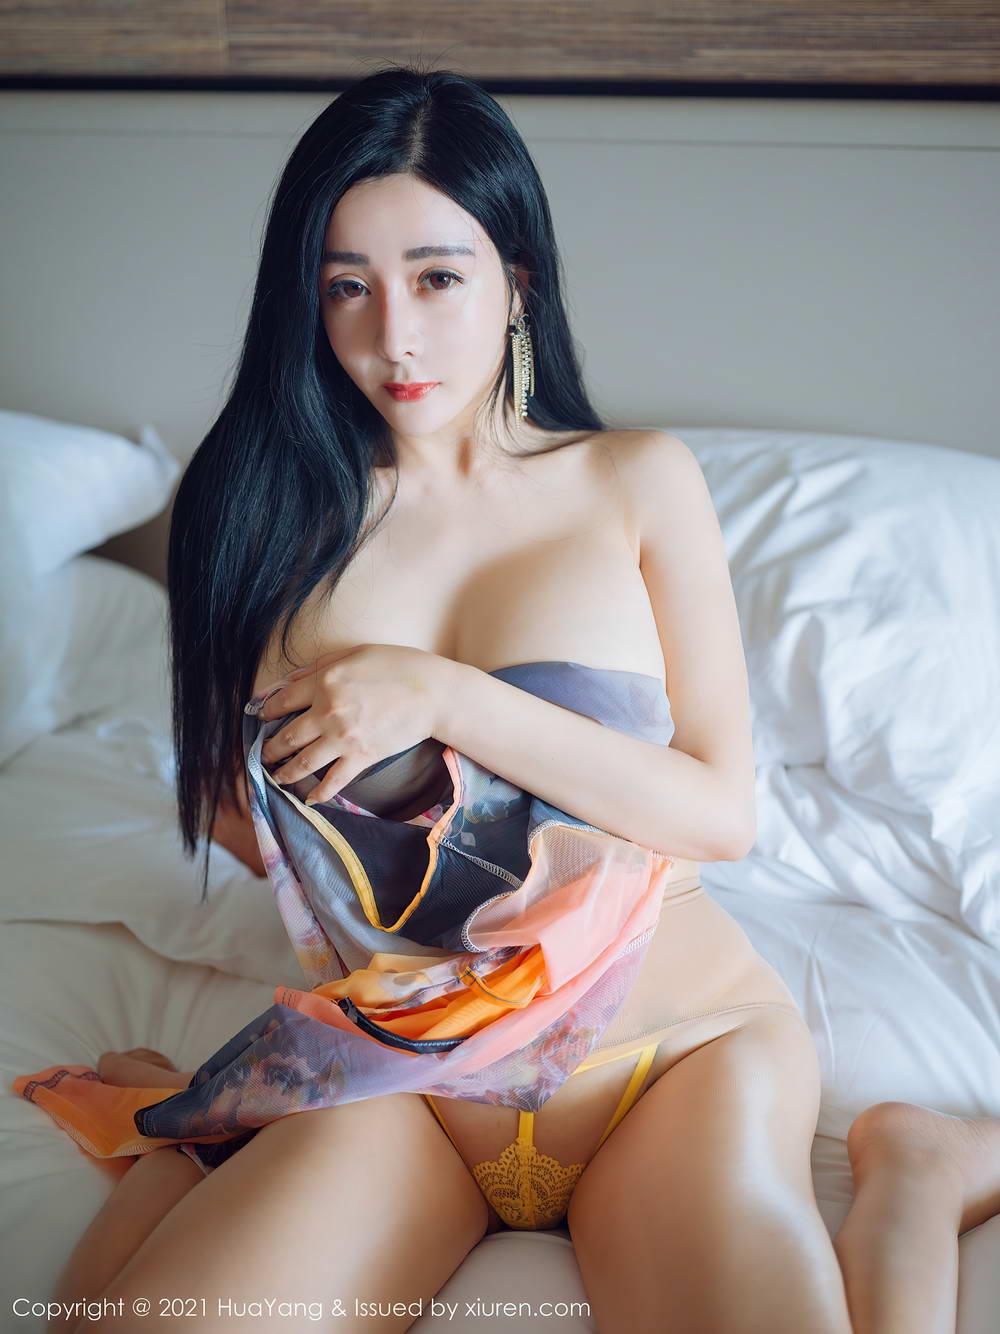 [HuaYang花漾show]2021.07.13 VOL.427 允爾[/586MB]